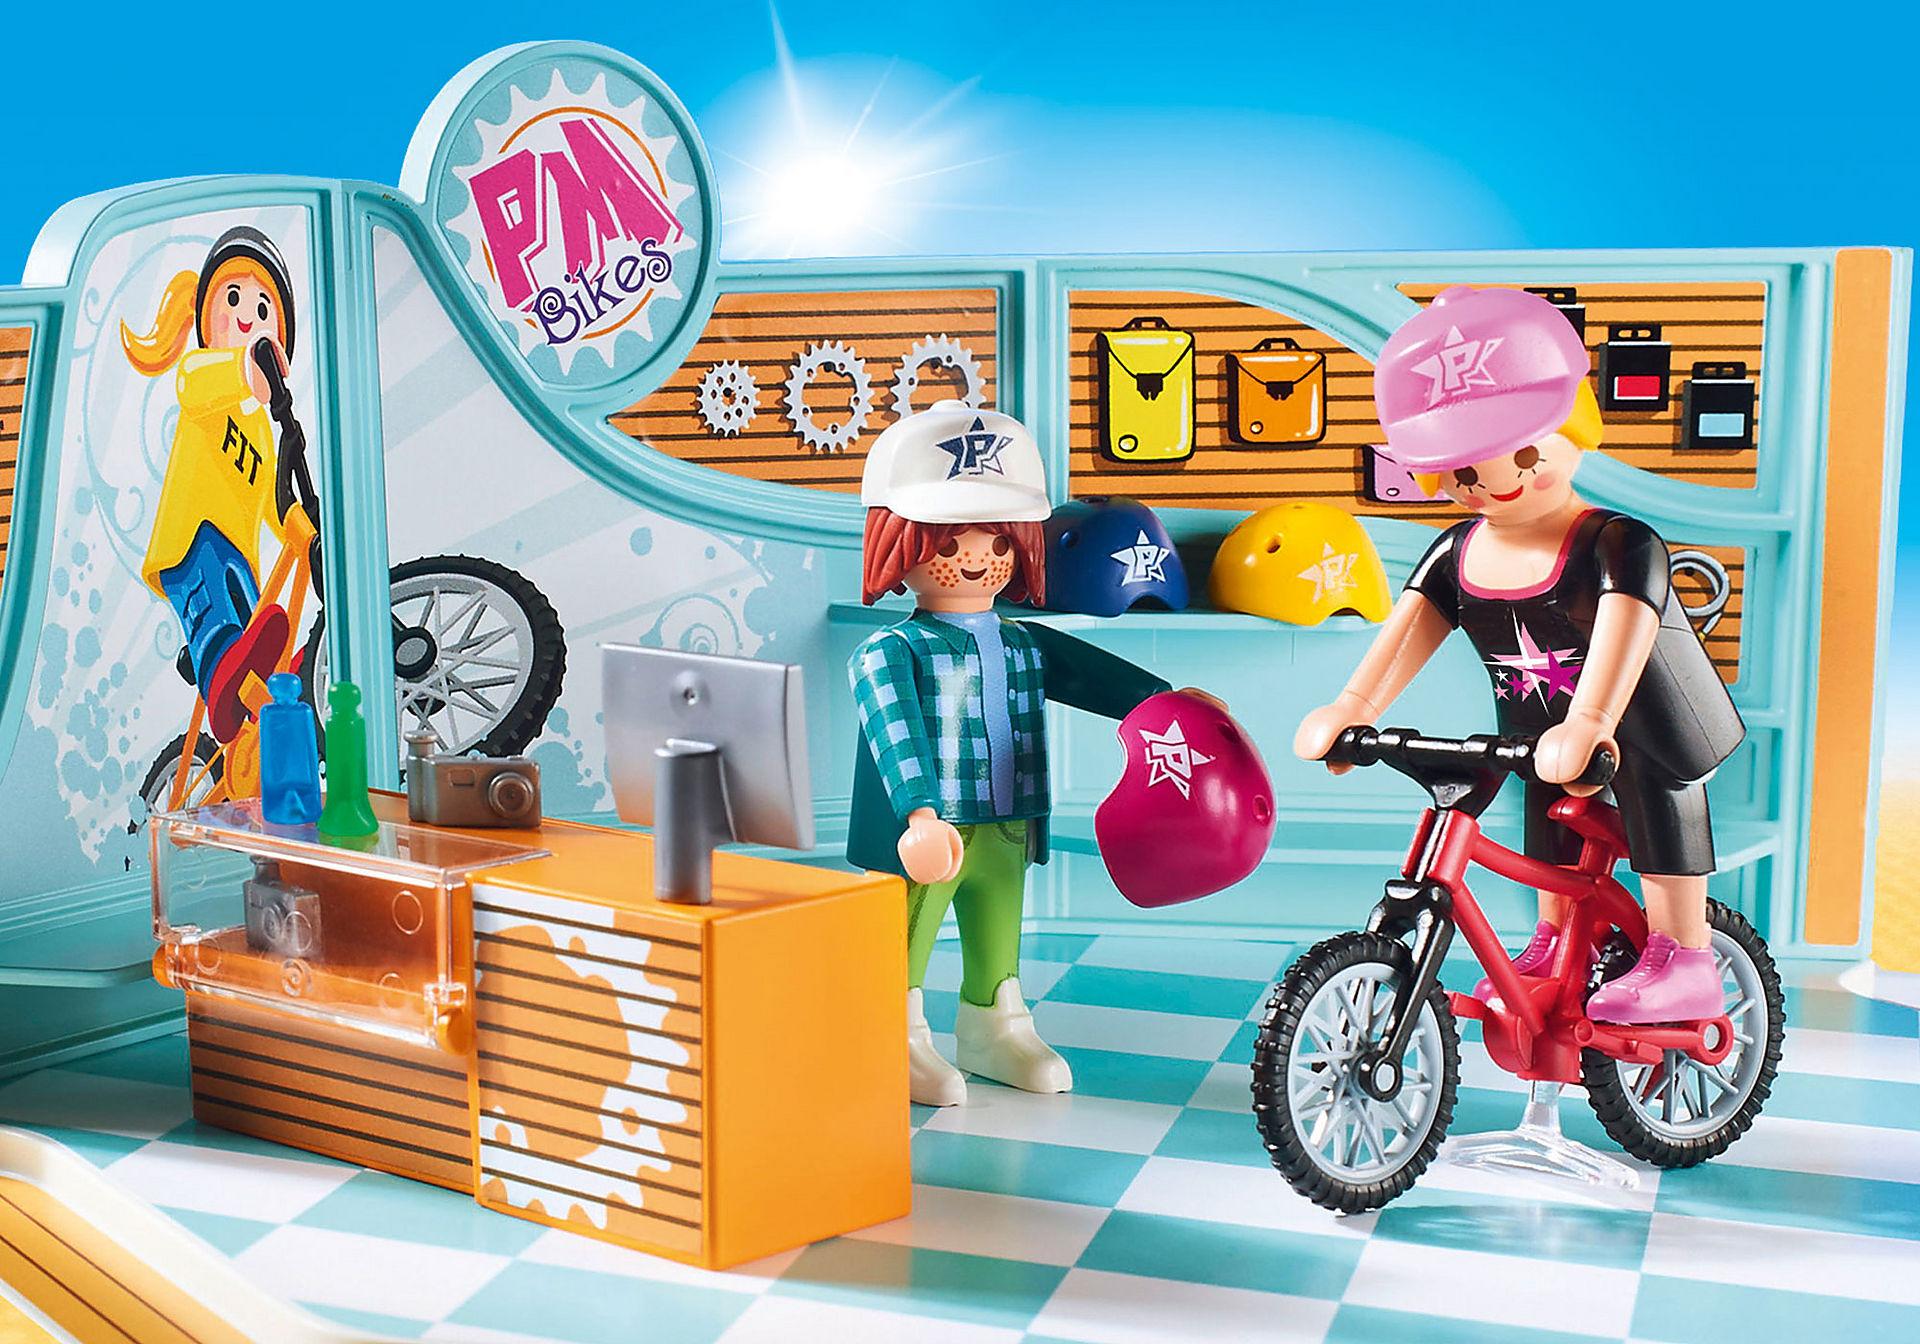 http://media.playmobil.com/i/playmobil/9402_product_extra1/Sklep rowerowy i skateboardowy